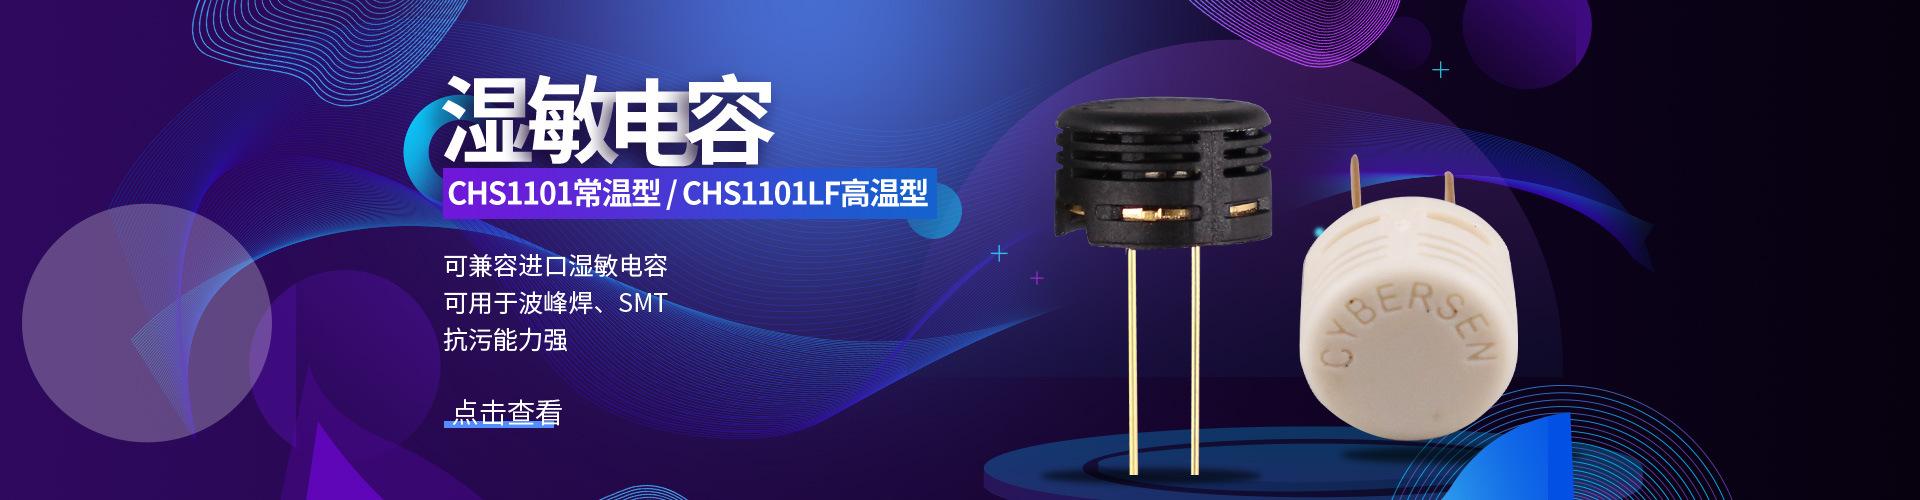 湿敏电容CHS1101兼容进口